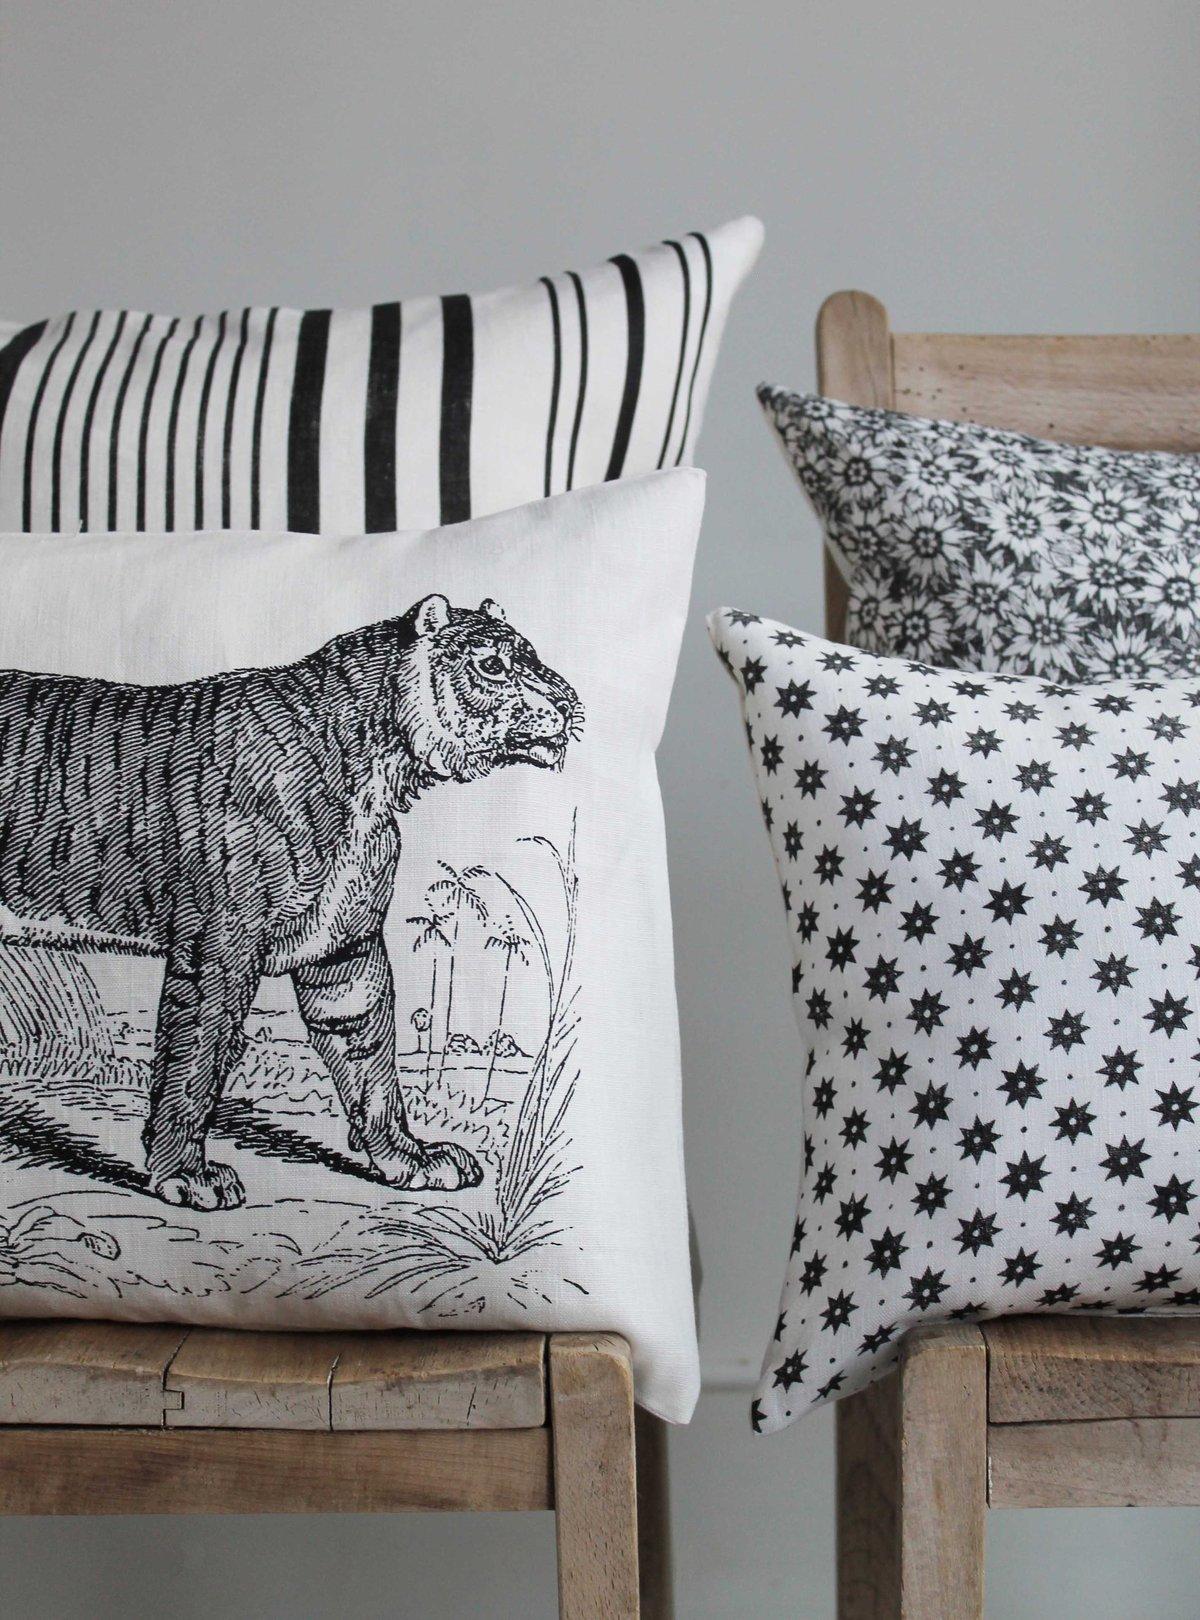 Shere Khan Scatter Cushion in White Linen